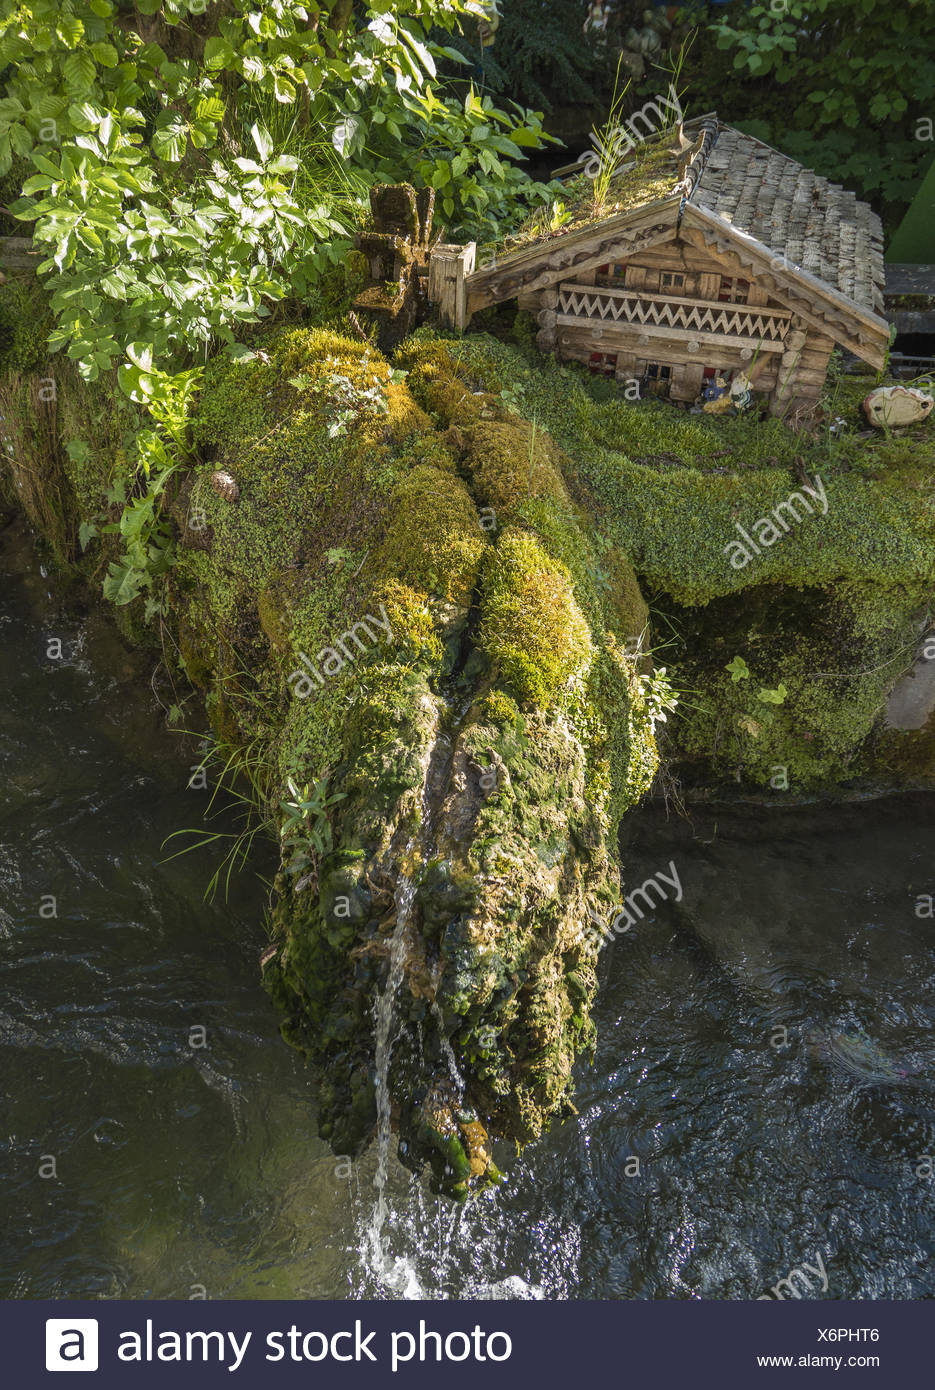 Gartenanlage mit kleinem Häuschen und Wasserfall in Diessen am Ammersee, Bayern, Deutschland, Europa - Stock Image